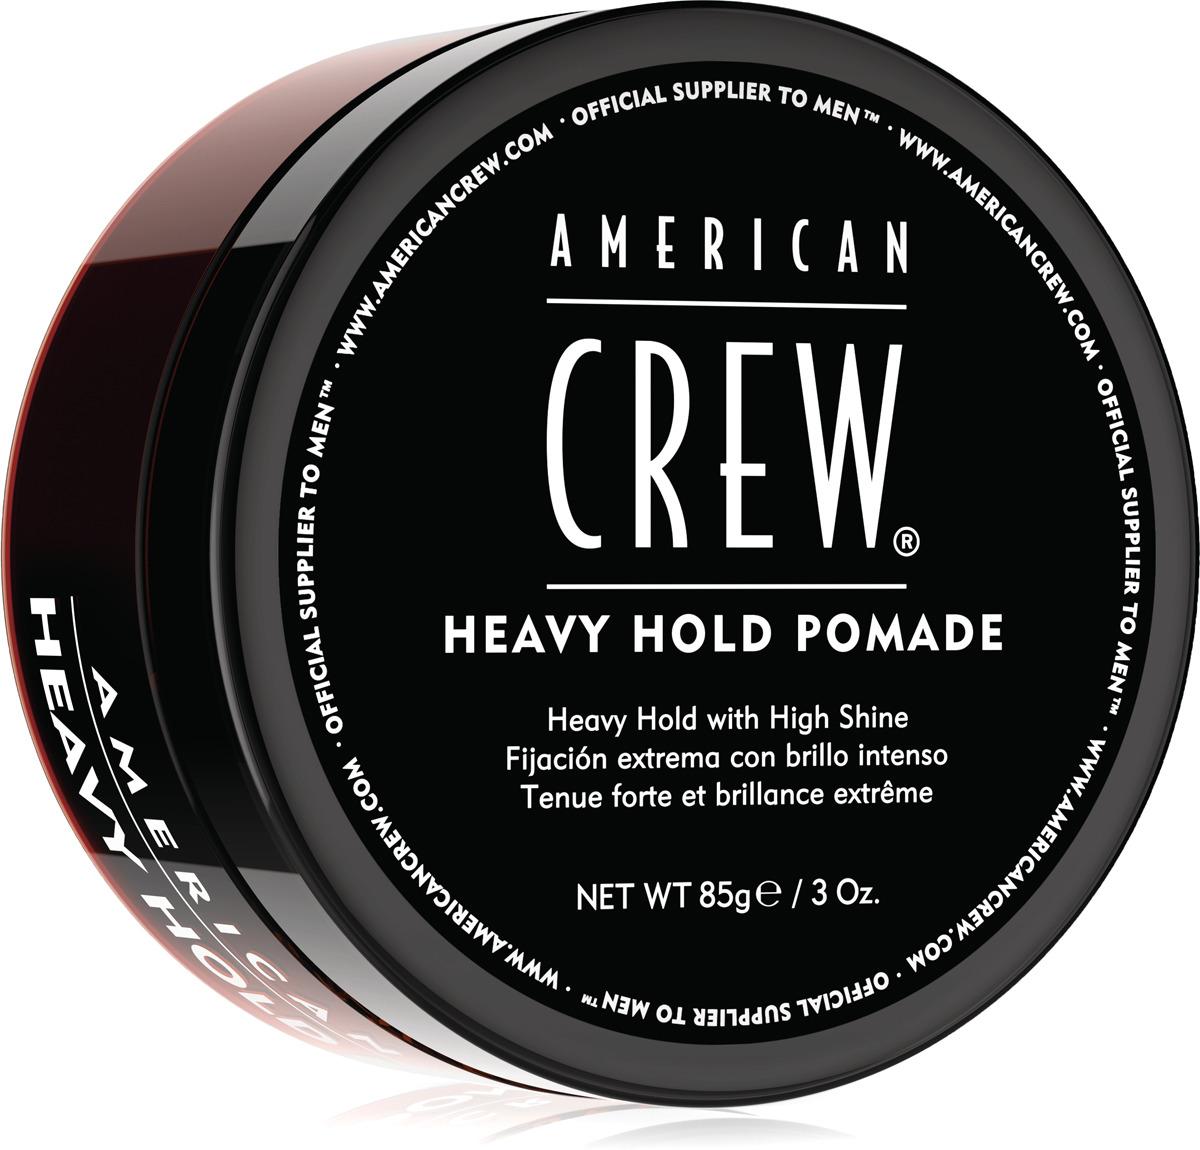 Помада для укладки волос American Crew Heavy Hold Pomade, с сильной фиксацией и высоким уровнем блеска, 85 г american crew формирующая глина для волос мужская сильной фиксации со средним уровнем блеска king classic molding clay 85 г page 4 page 4